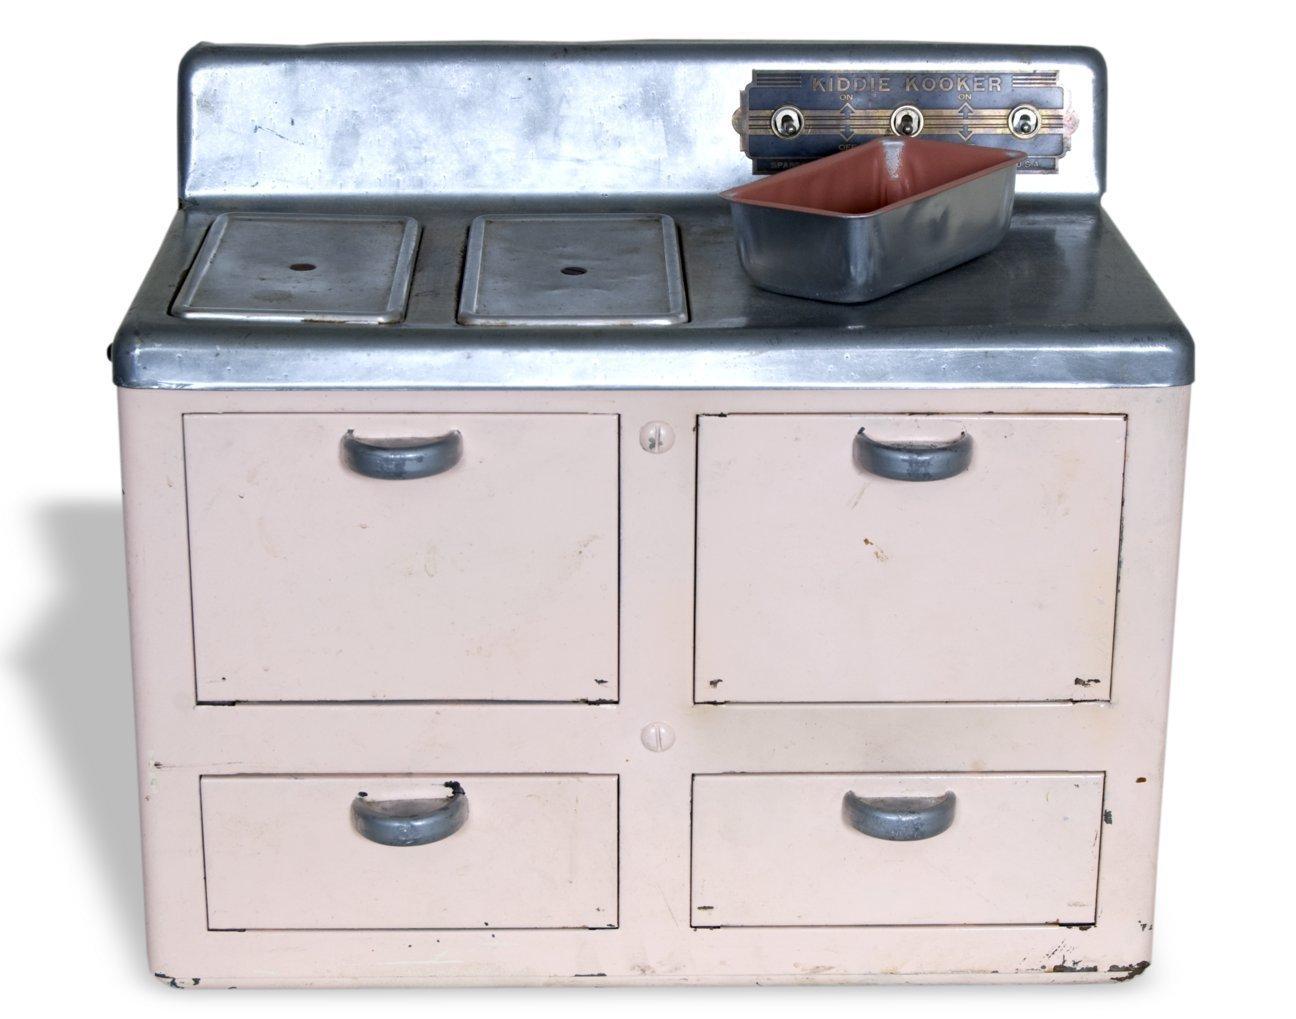 Toy stove - 2